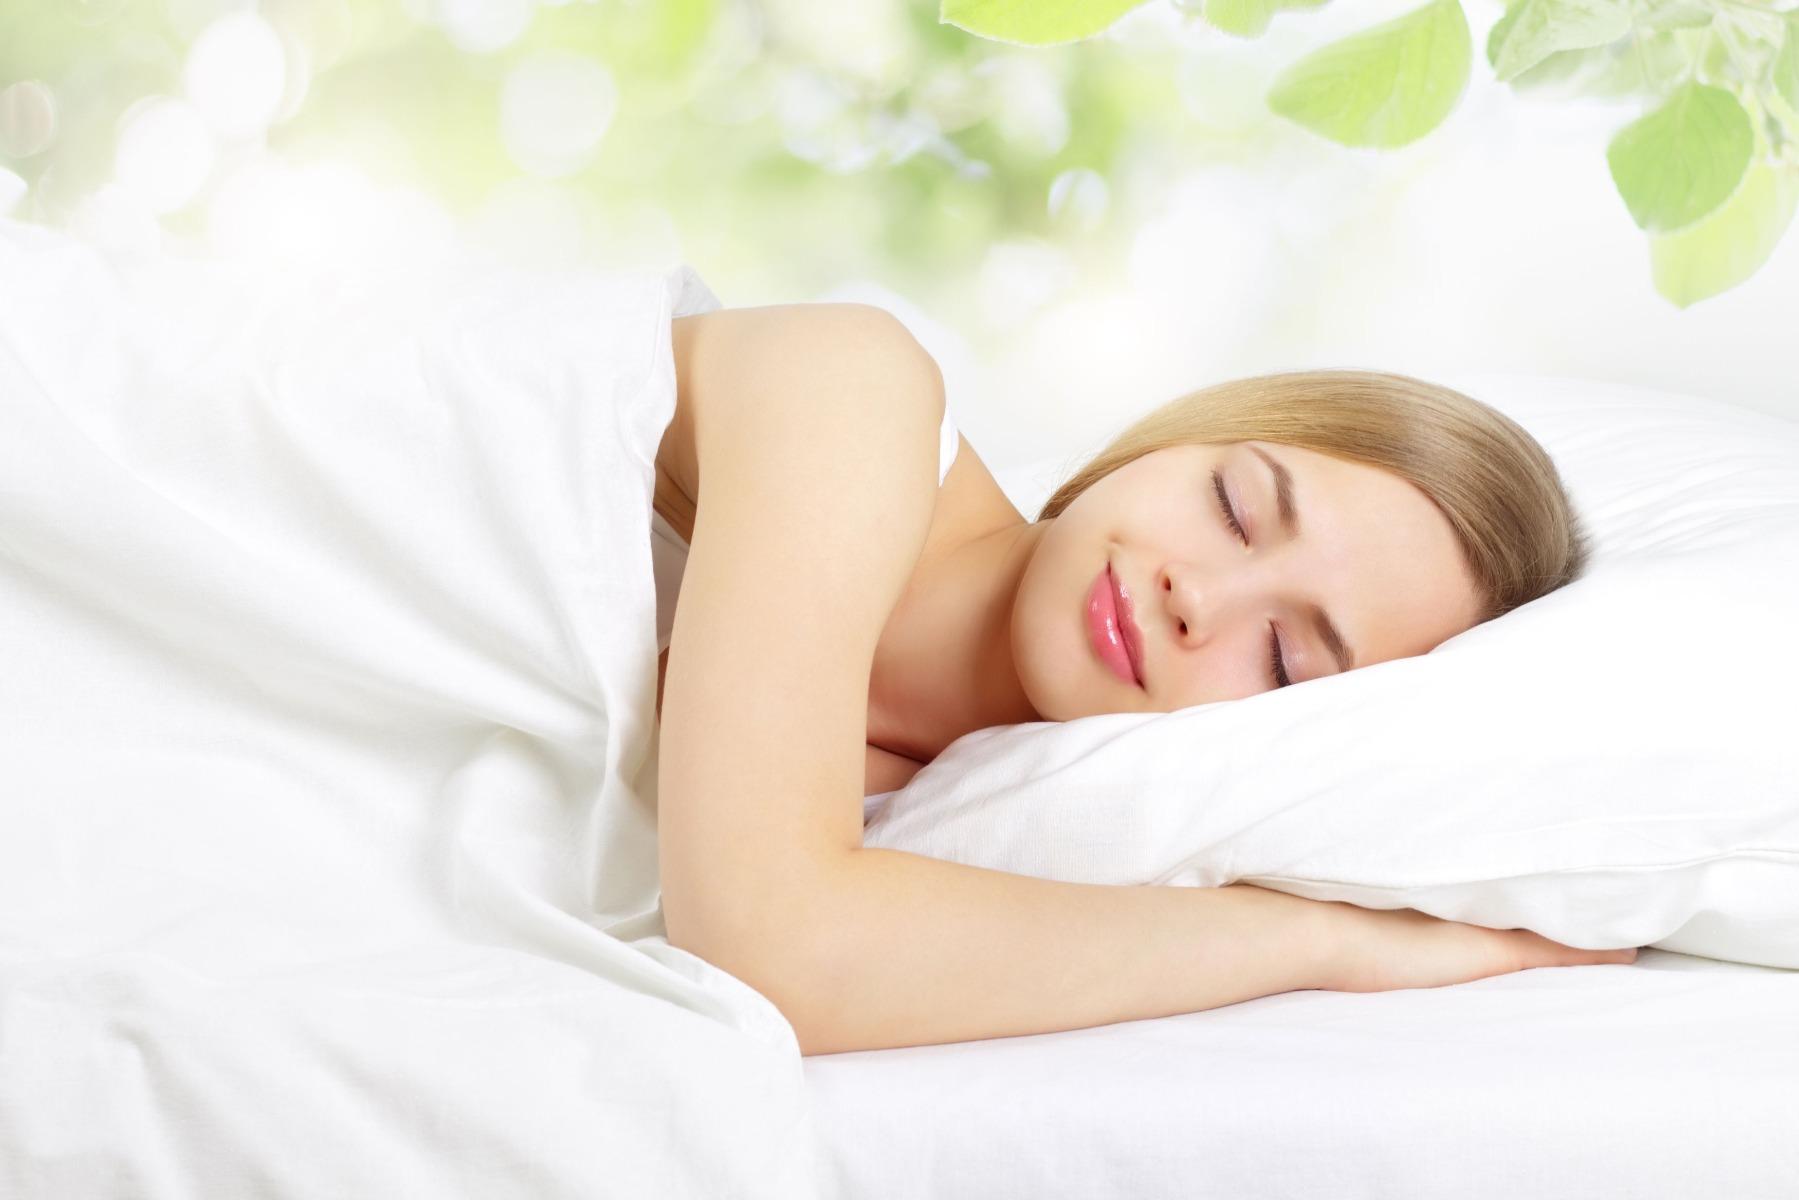 Ngủ đầy đủ giấc giúp tăng hệ miễn dịch